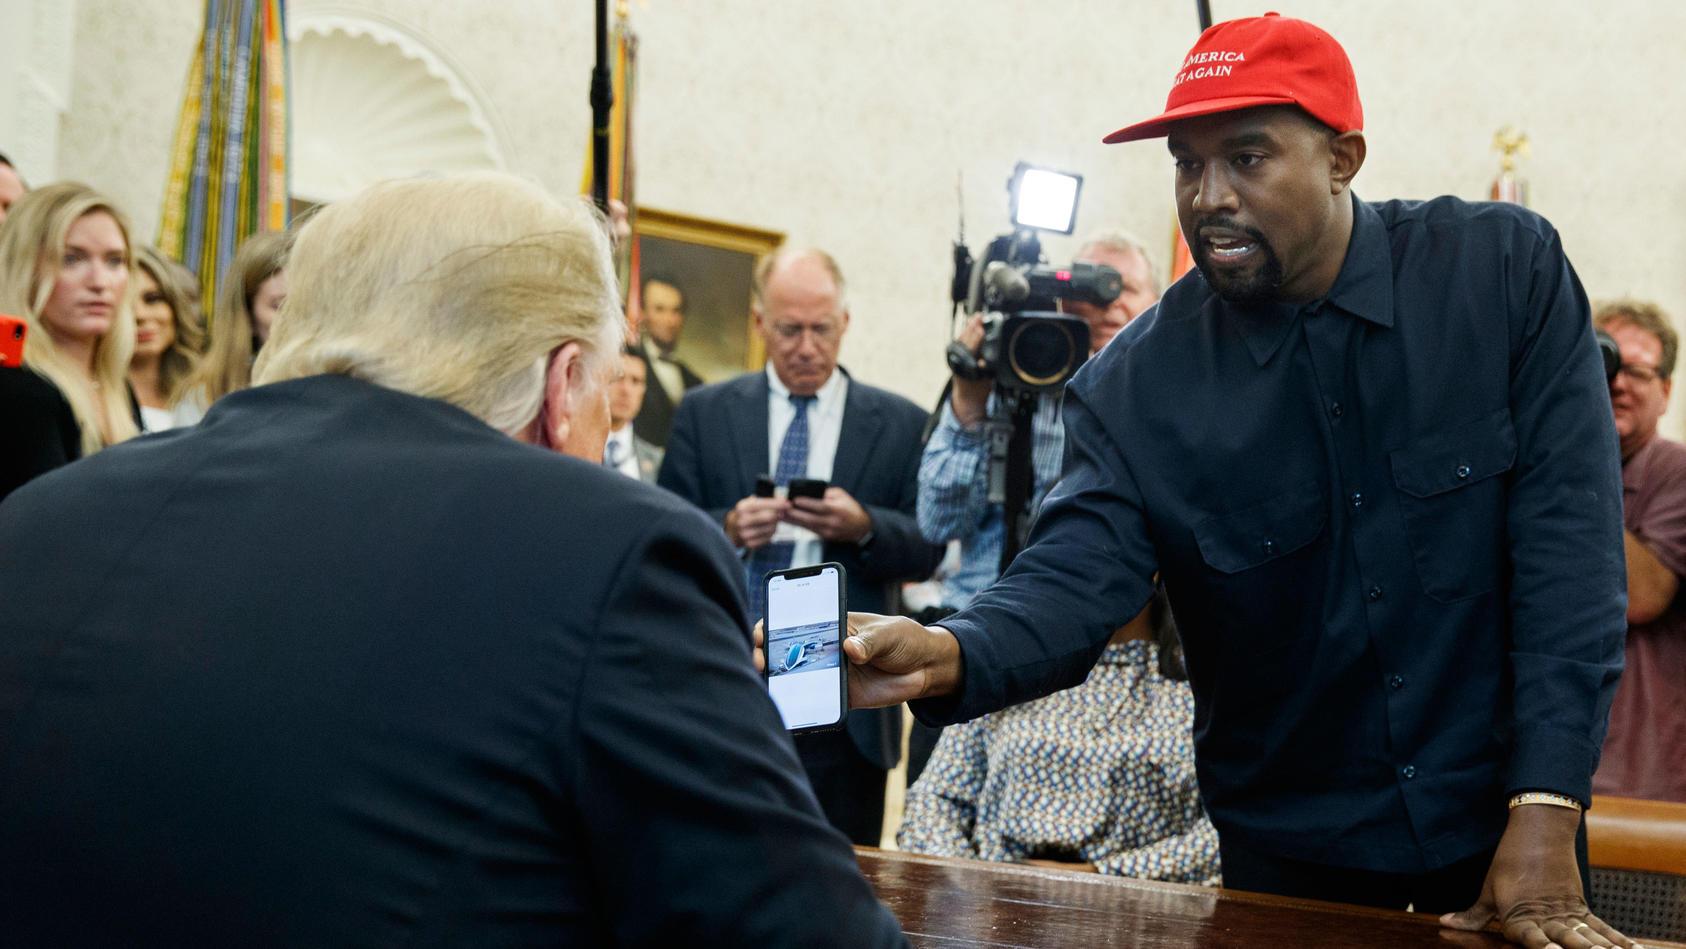 US-Präsident Donald Trump empfängt Rapper Kanye West 2018 im Weißen Haus.